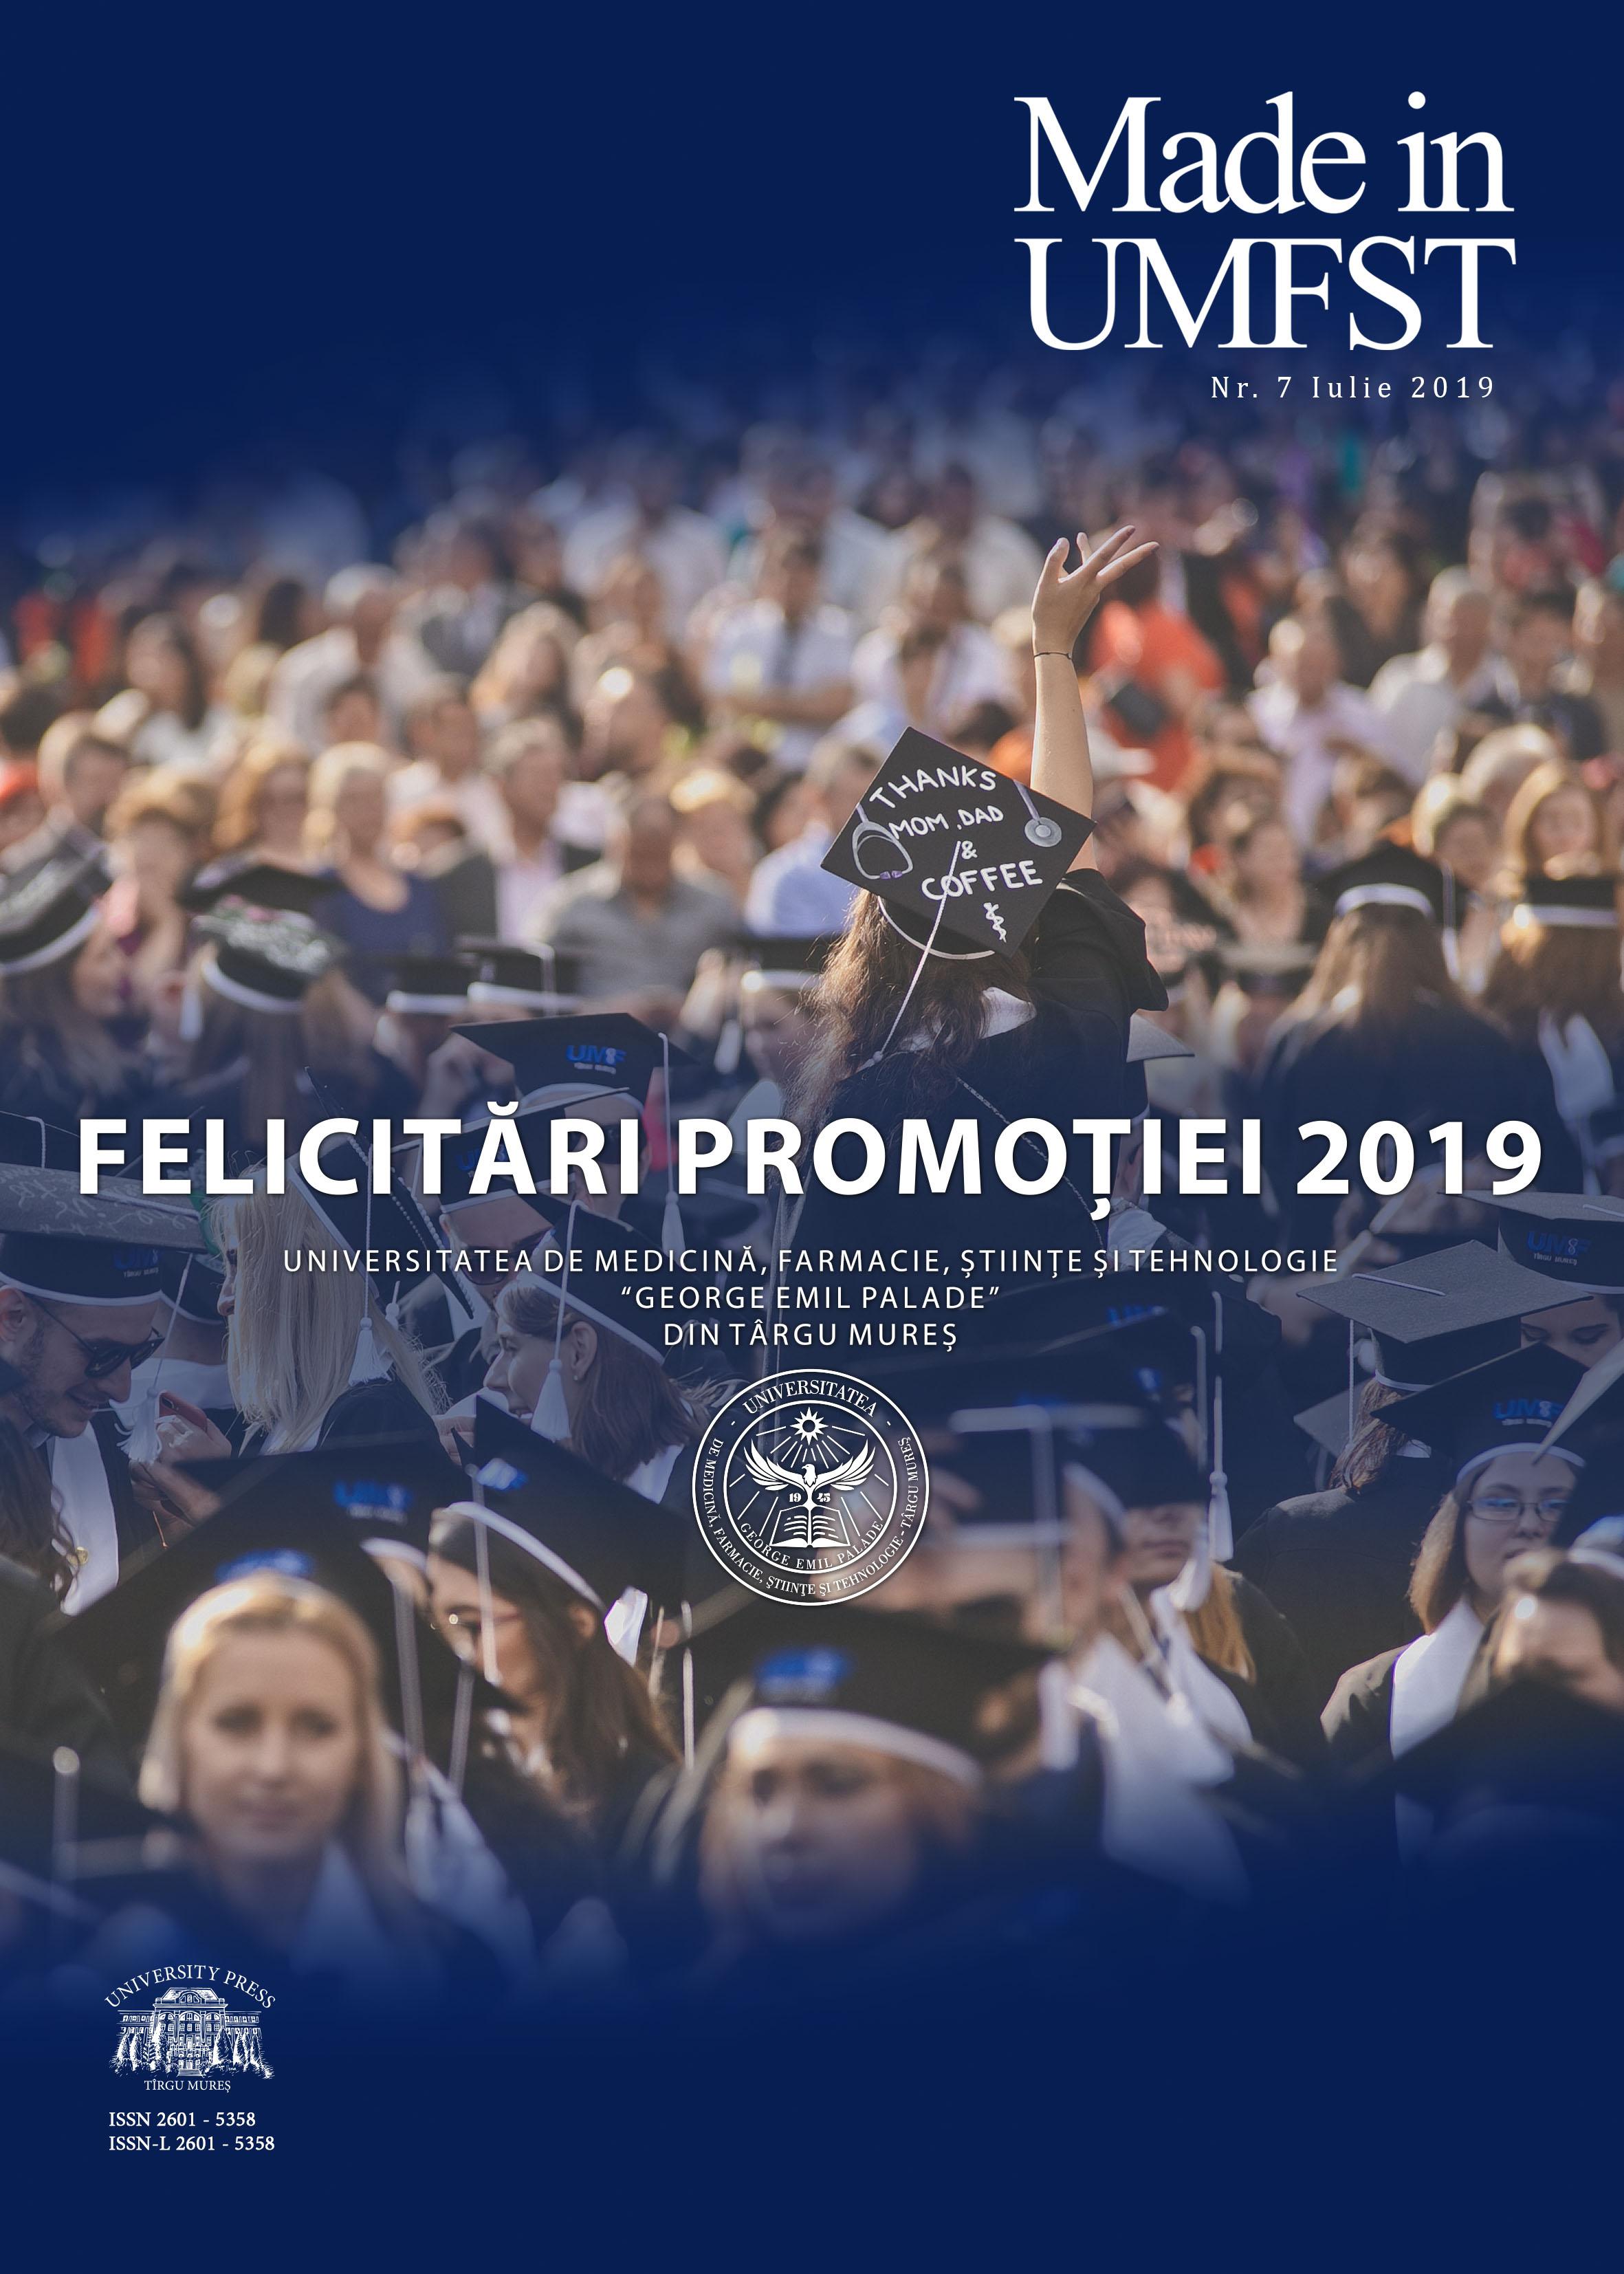 Ediție specială Made in UMFST dedicată absolvenților promoției 2019